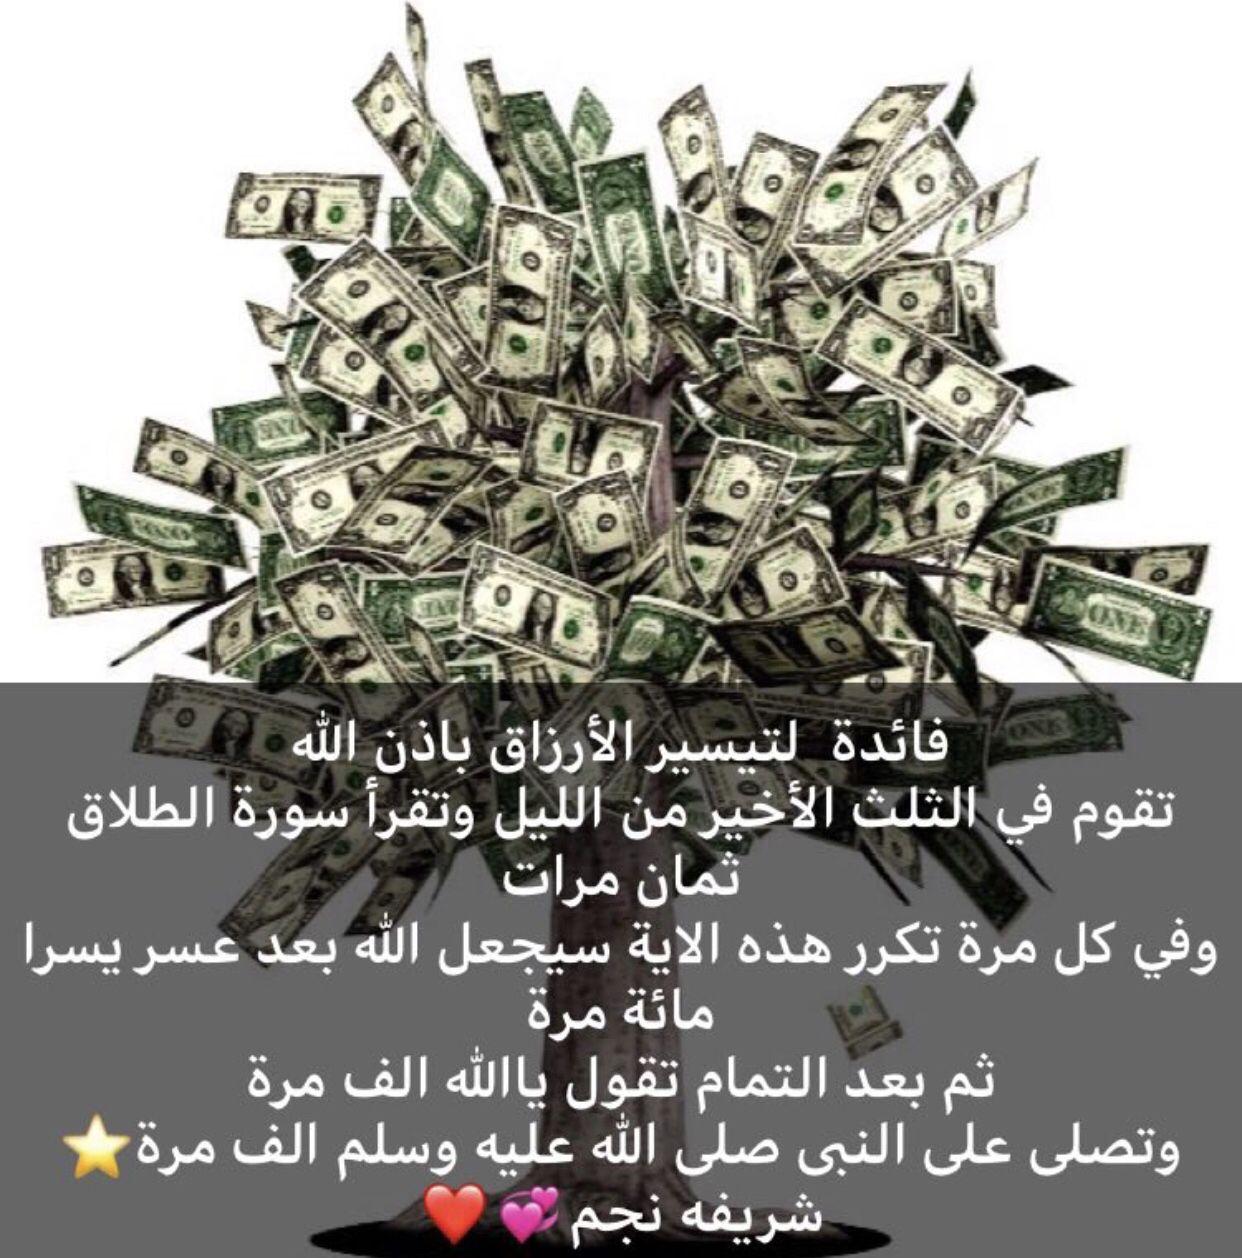 أوراد الرزق Islamic Phrases Islam Hadith Islam Quran